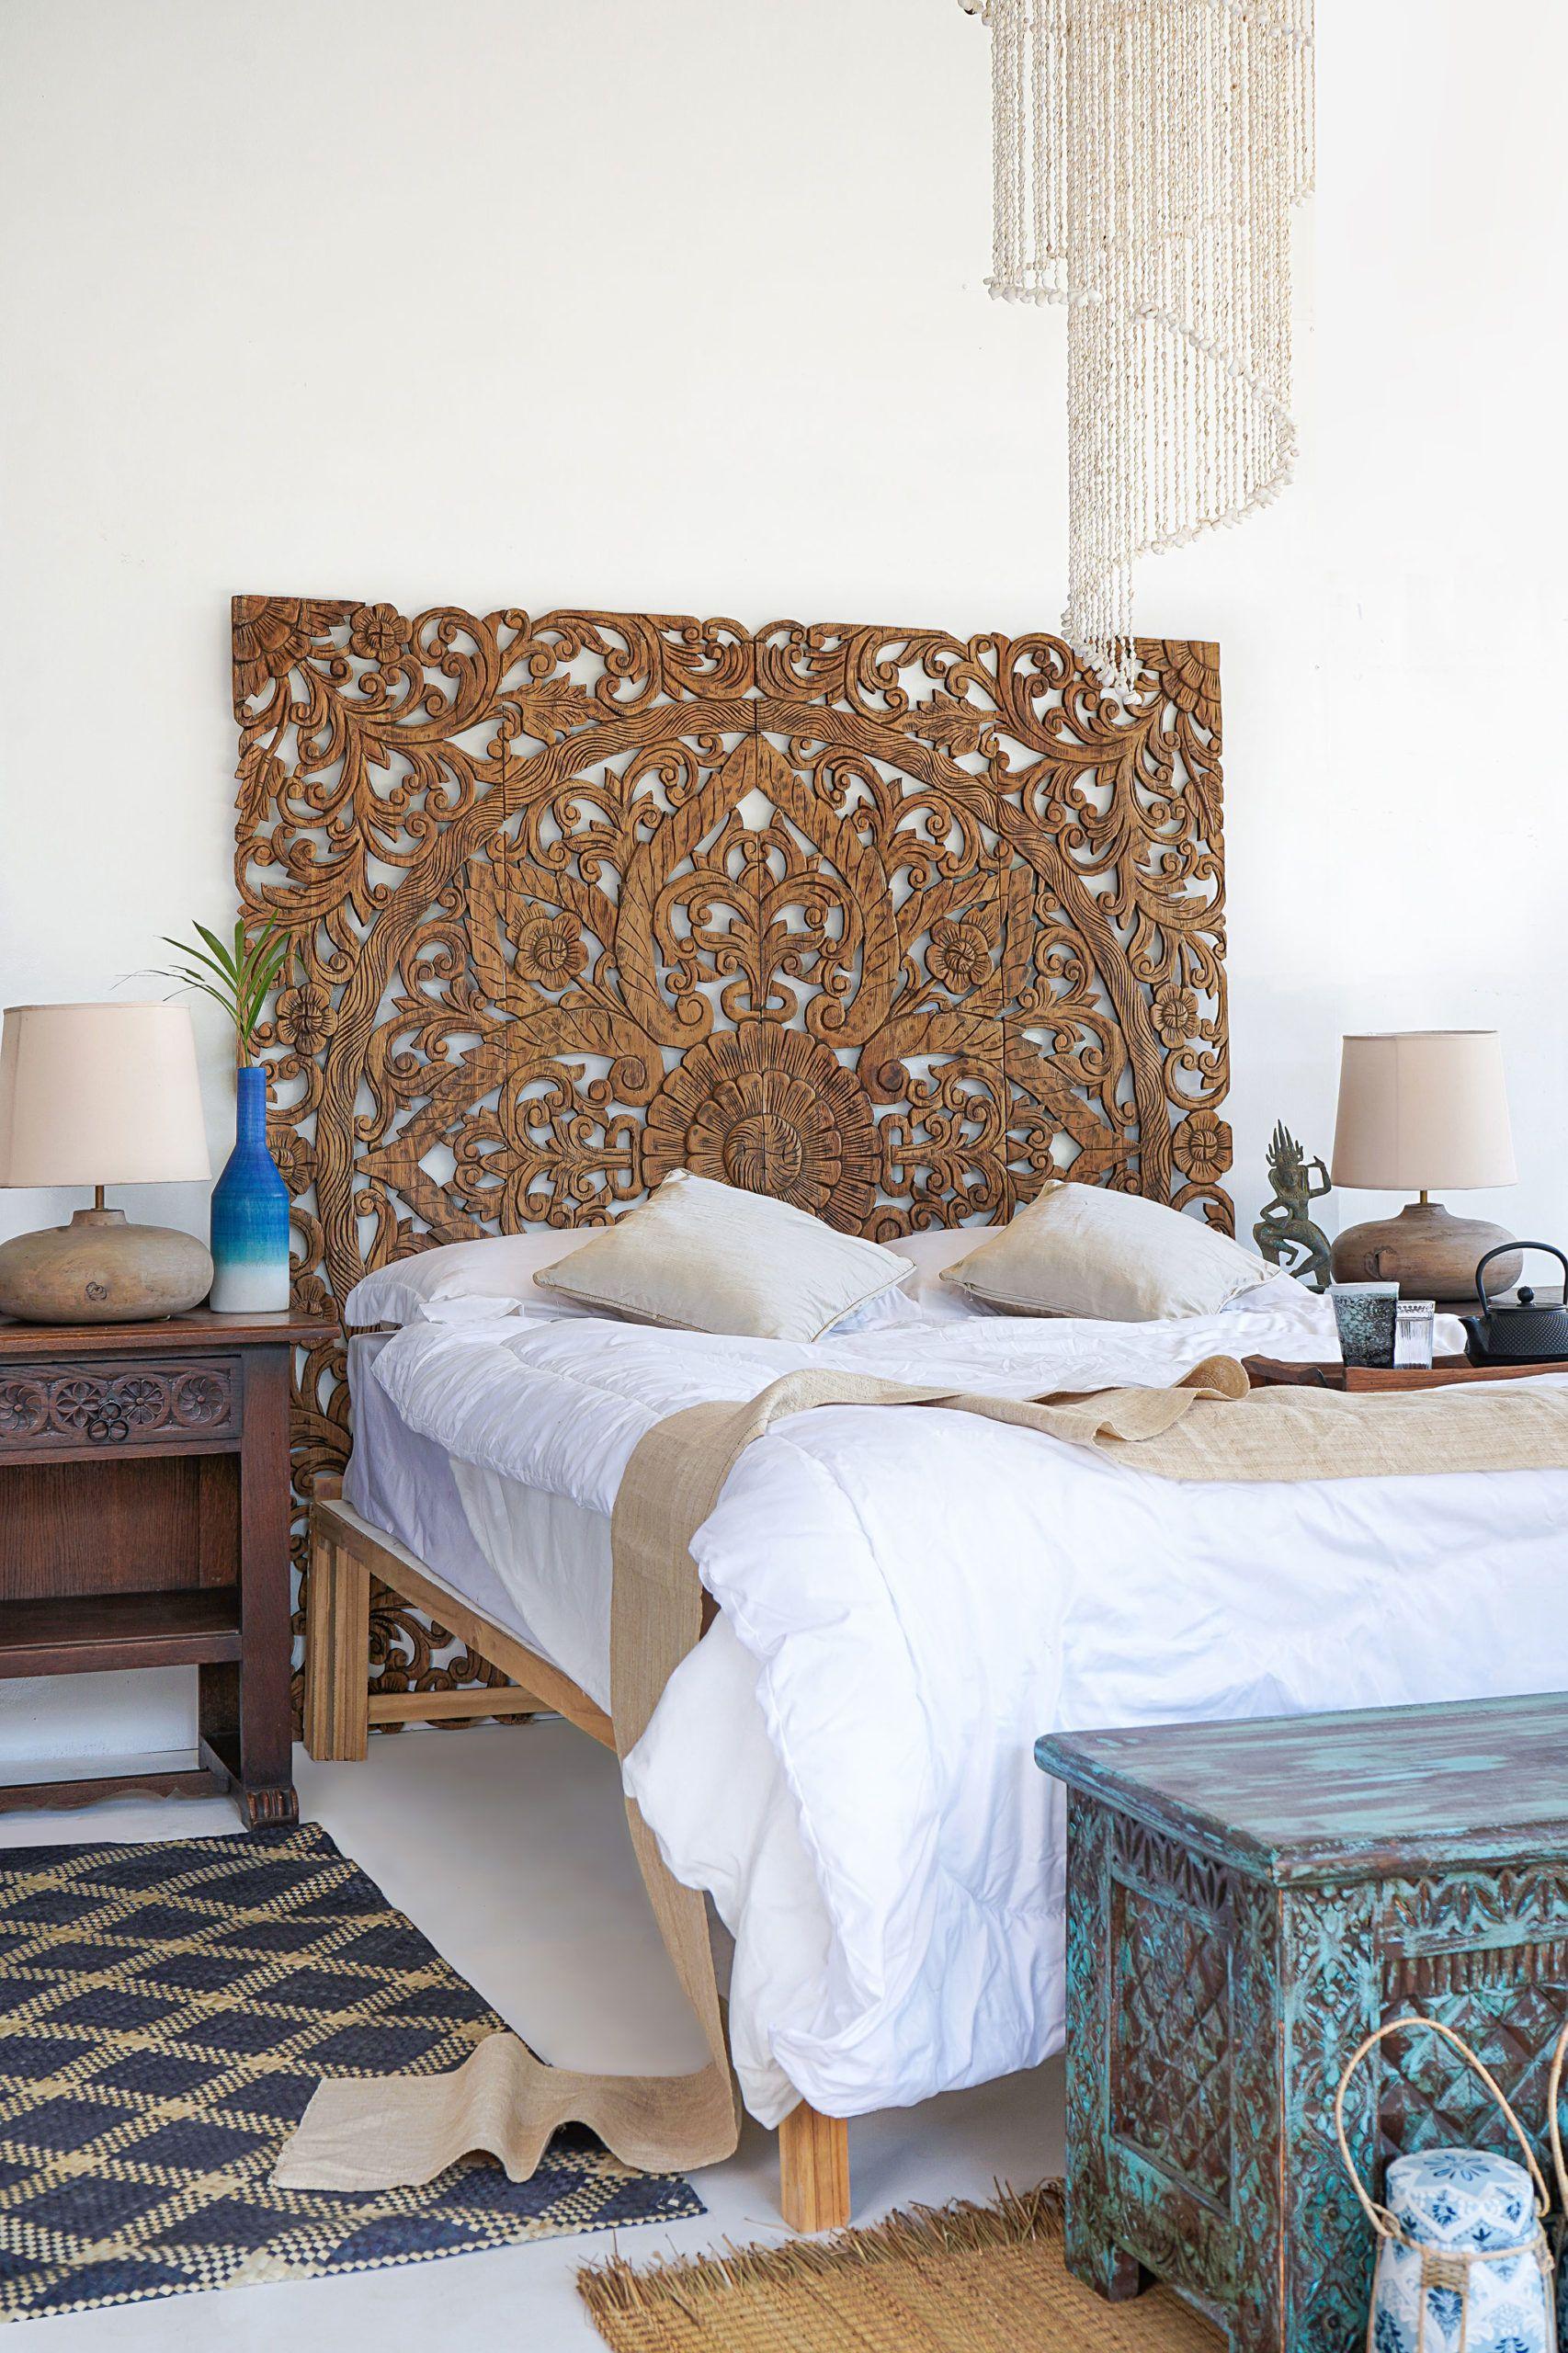 Kingsize Headboard Balinese Wooden Panel In Boho Design Balinese Boho Design Headboard Kin In 2020 Headboards For Beds King Size Bed Headboard Wooden King Size Bed